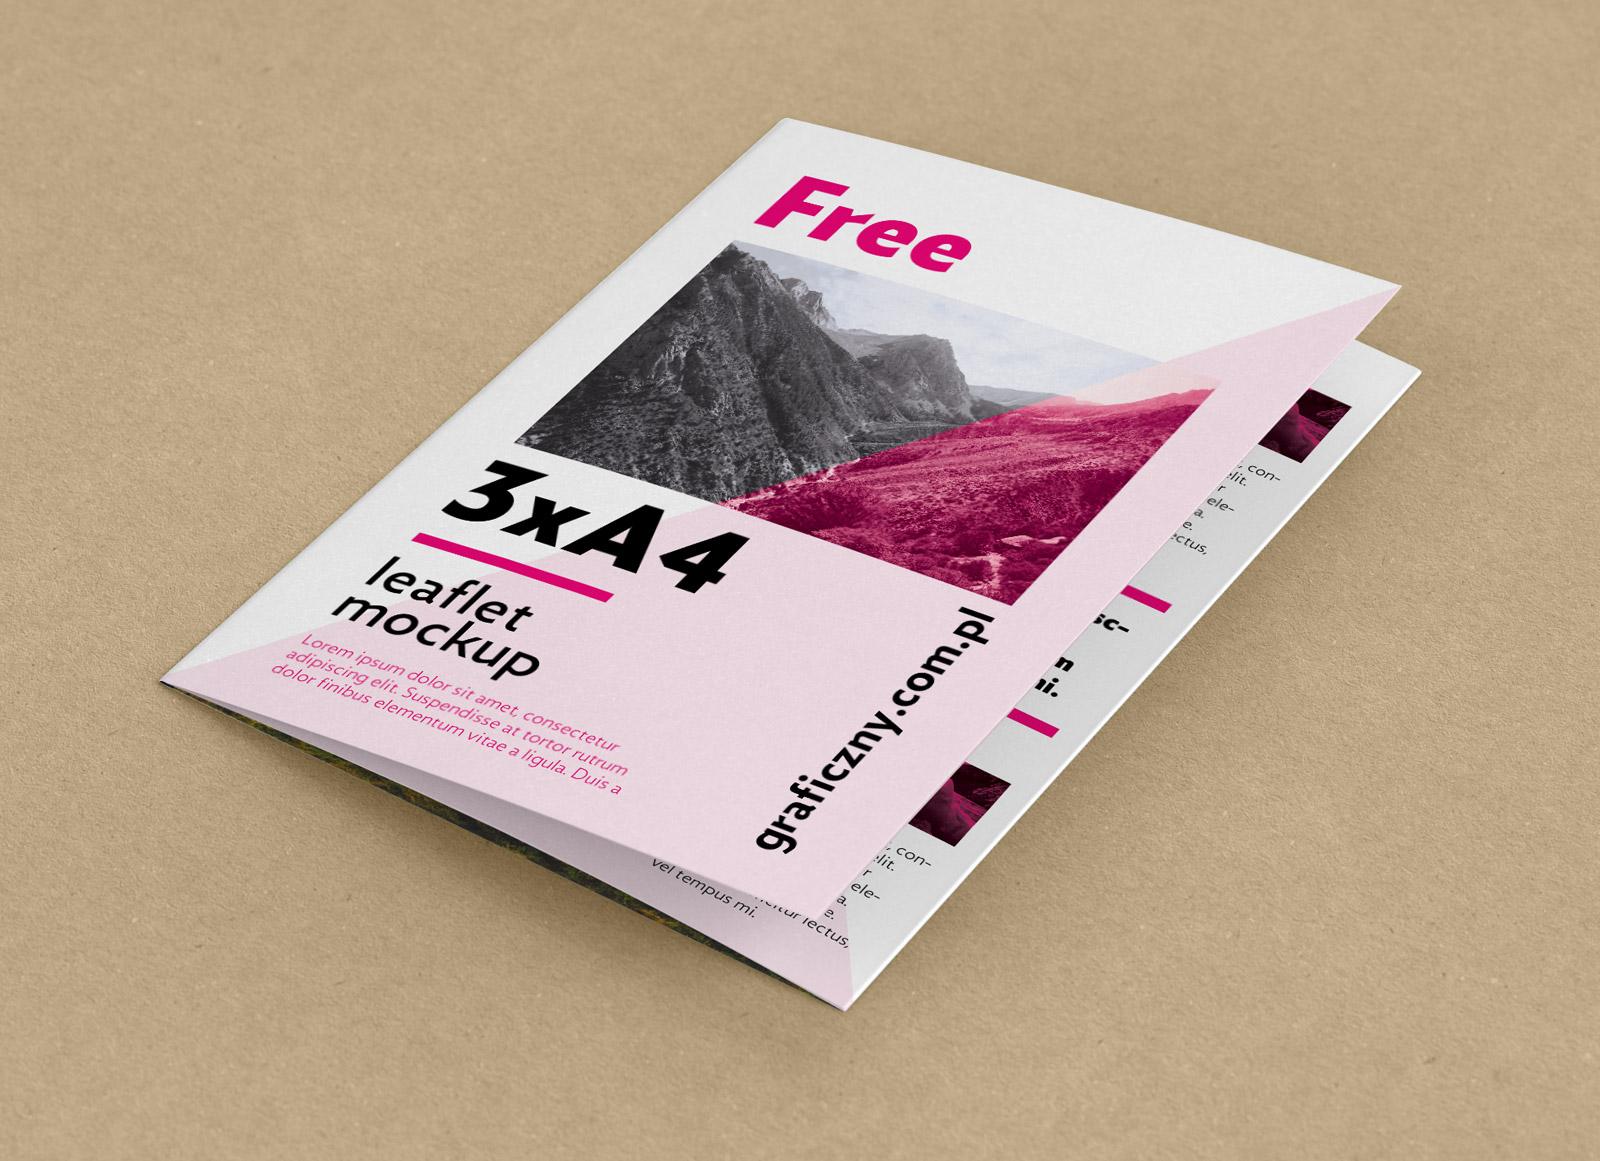 Free-Tri-Fold-A4-Brochure-Mockup-PSD-5